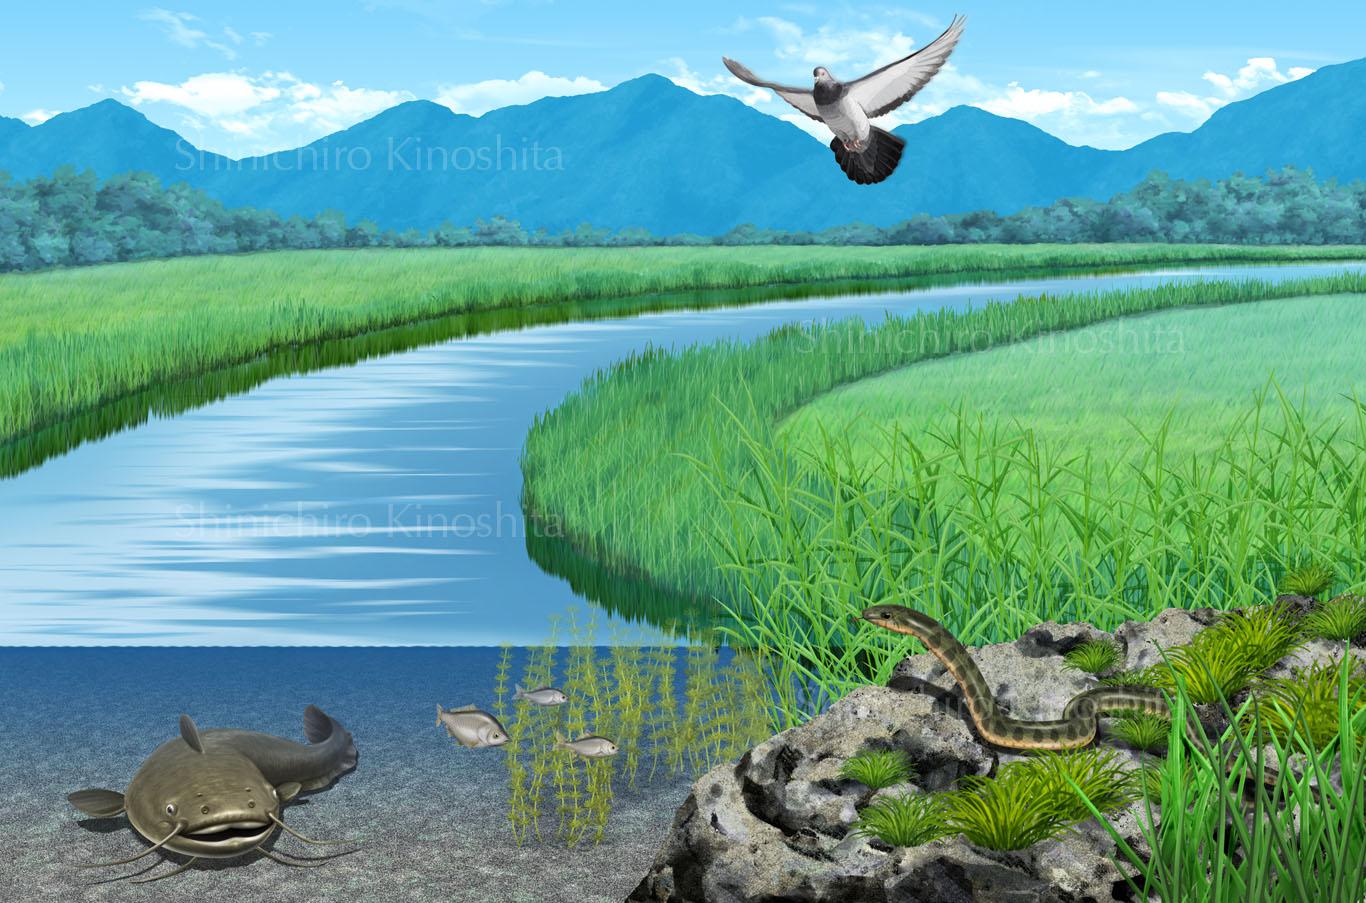 水辺の生物ーベネッセコーポレーション